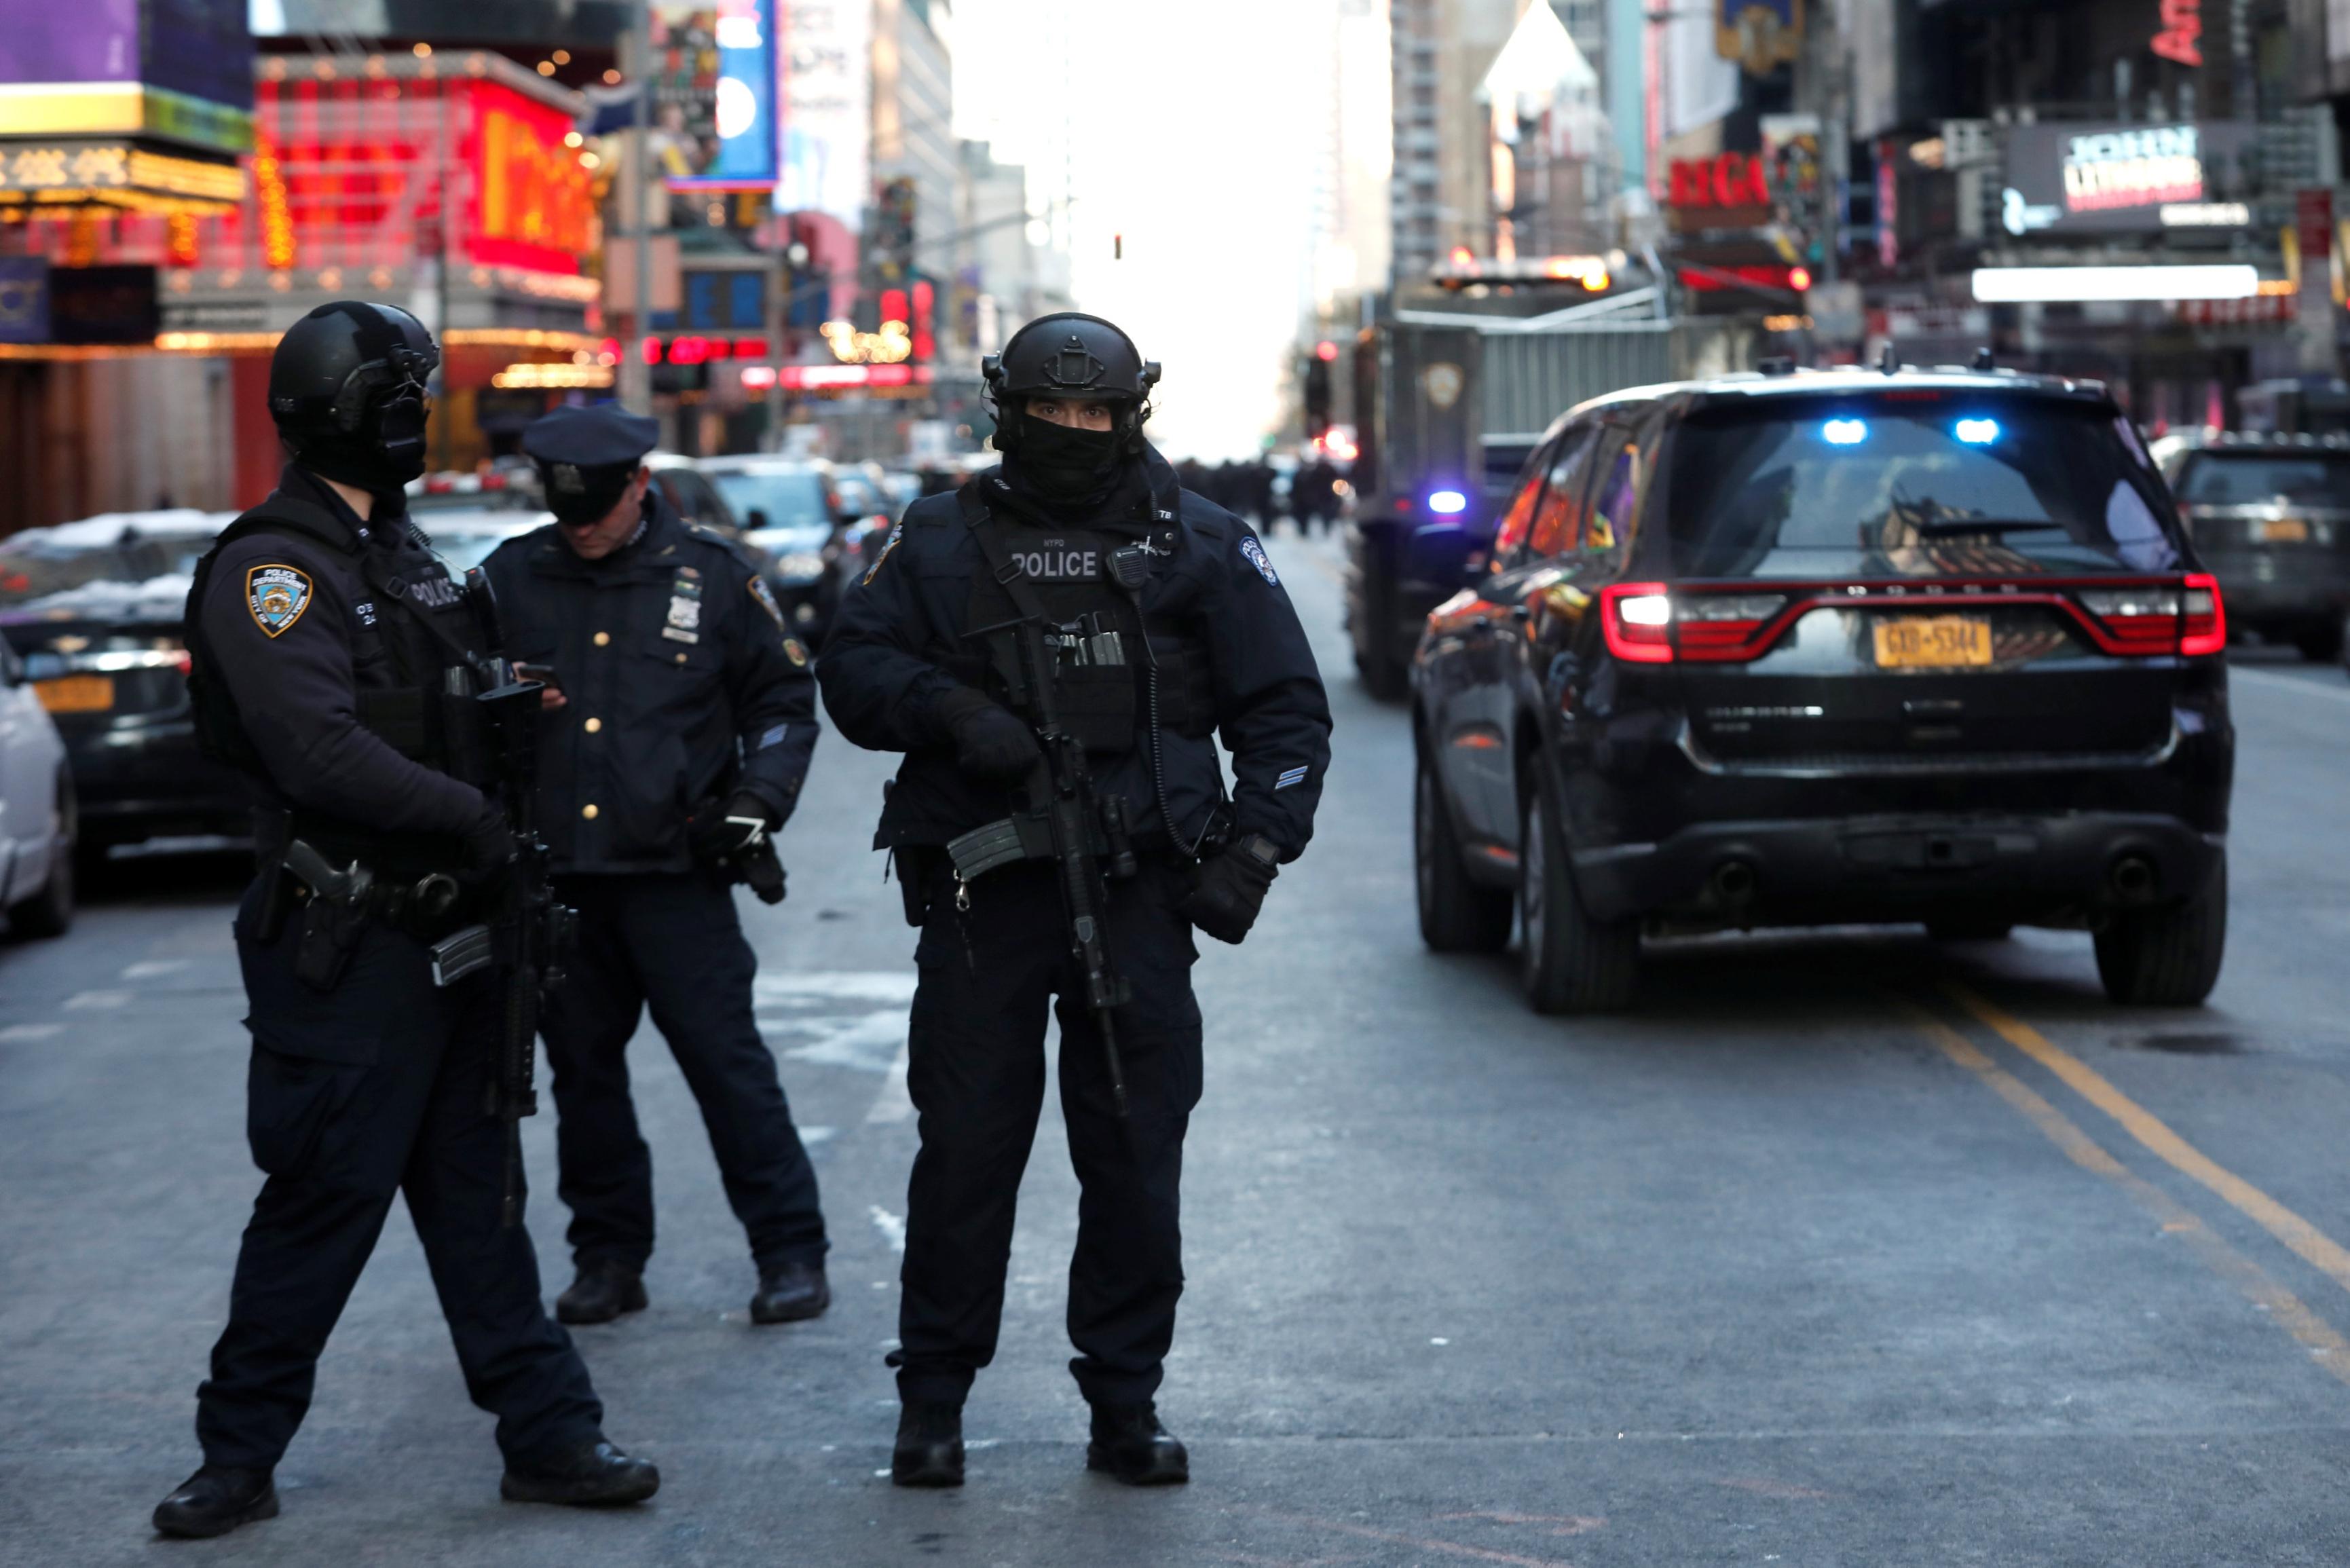 السلطات الأميركية: انفجار مانهاتن محاولة هجوم إرهابي